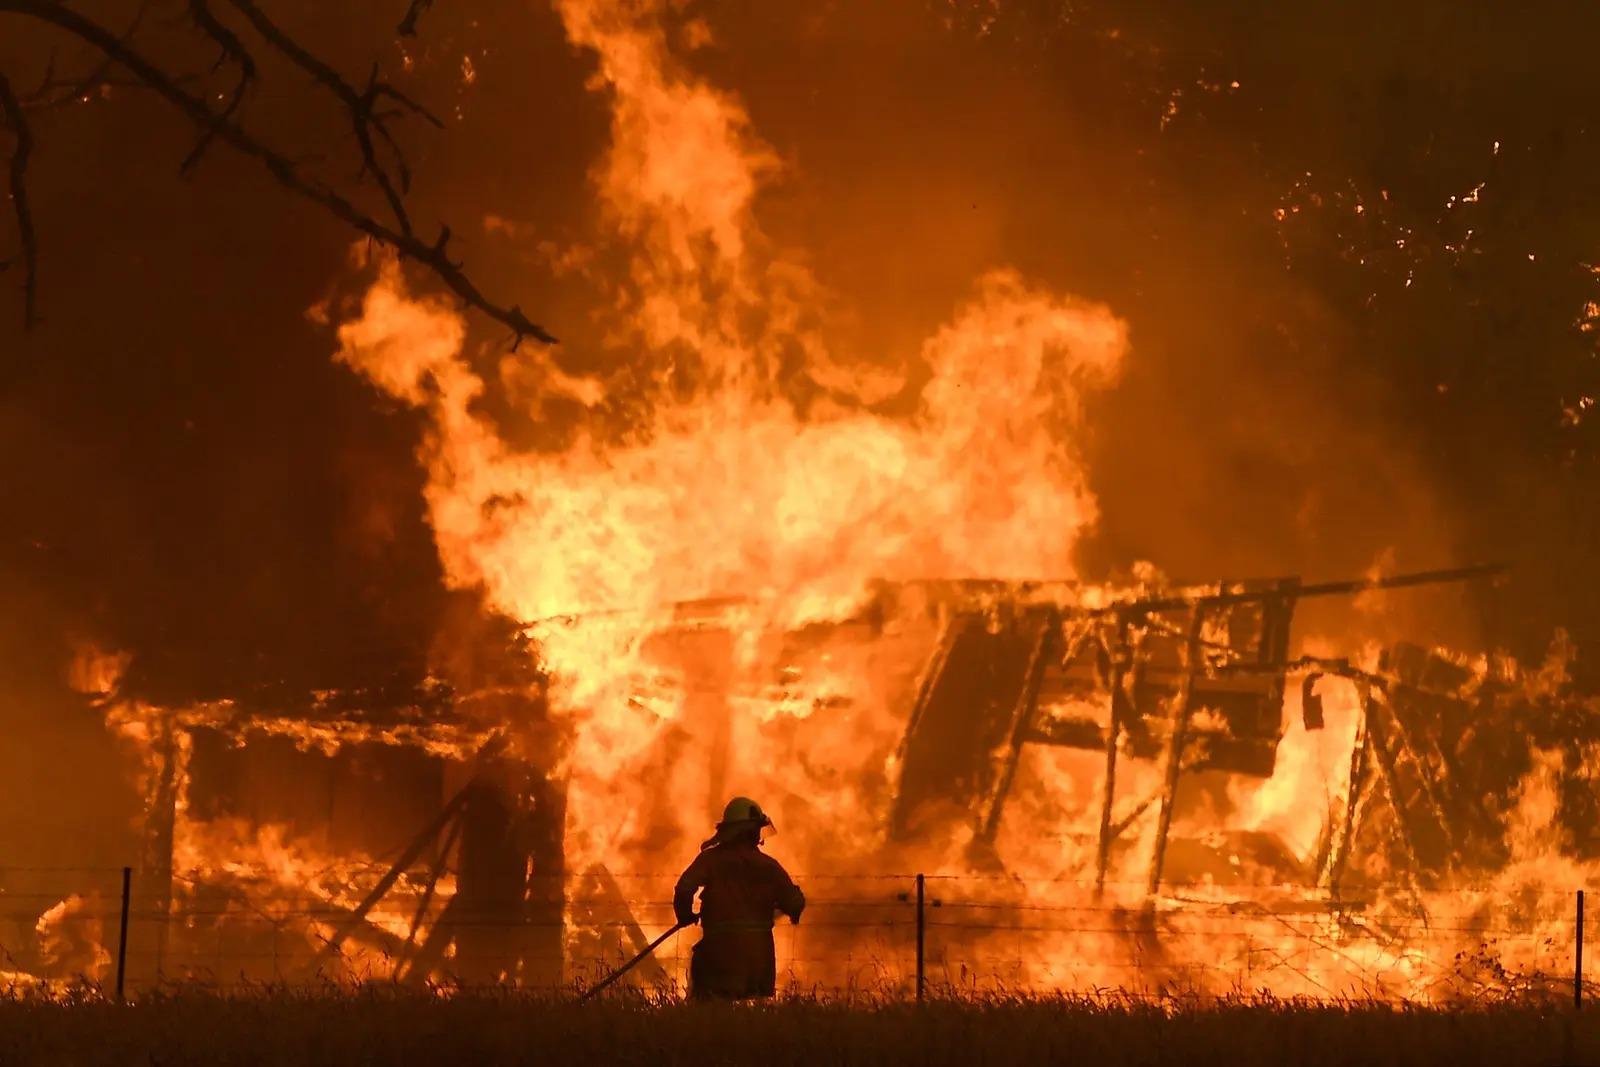 Gần nửa tỷ động vật chết do cháy rừng, xác nằm la liệt gây ám ảnh tại Úc 9